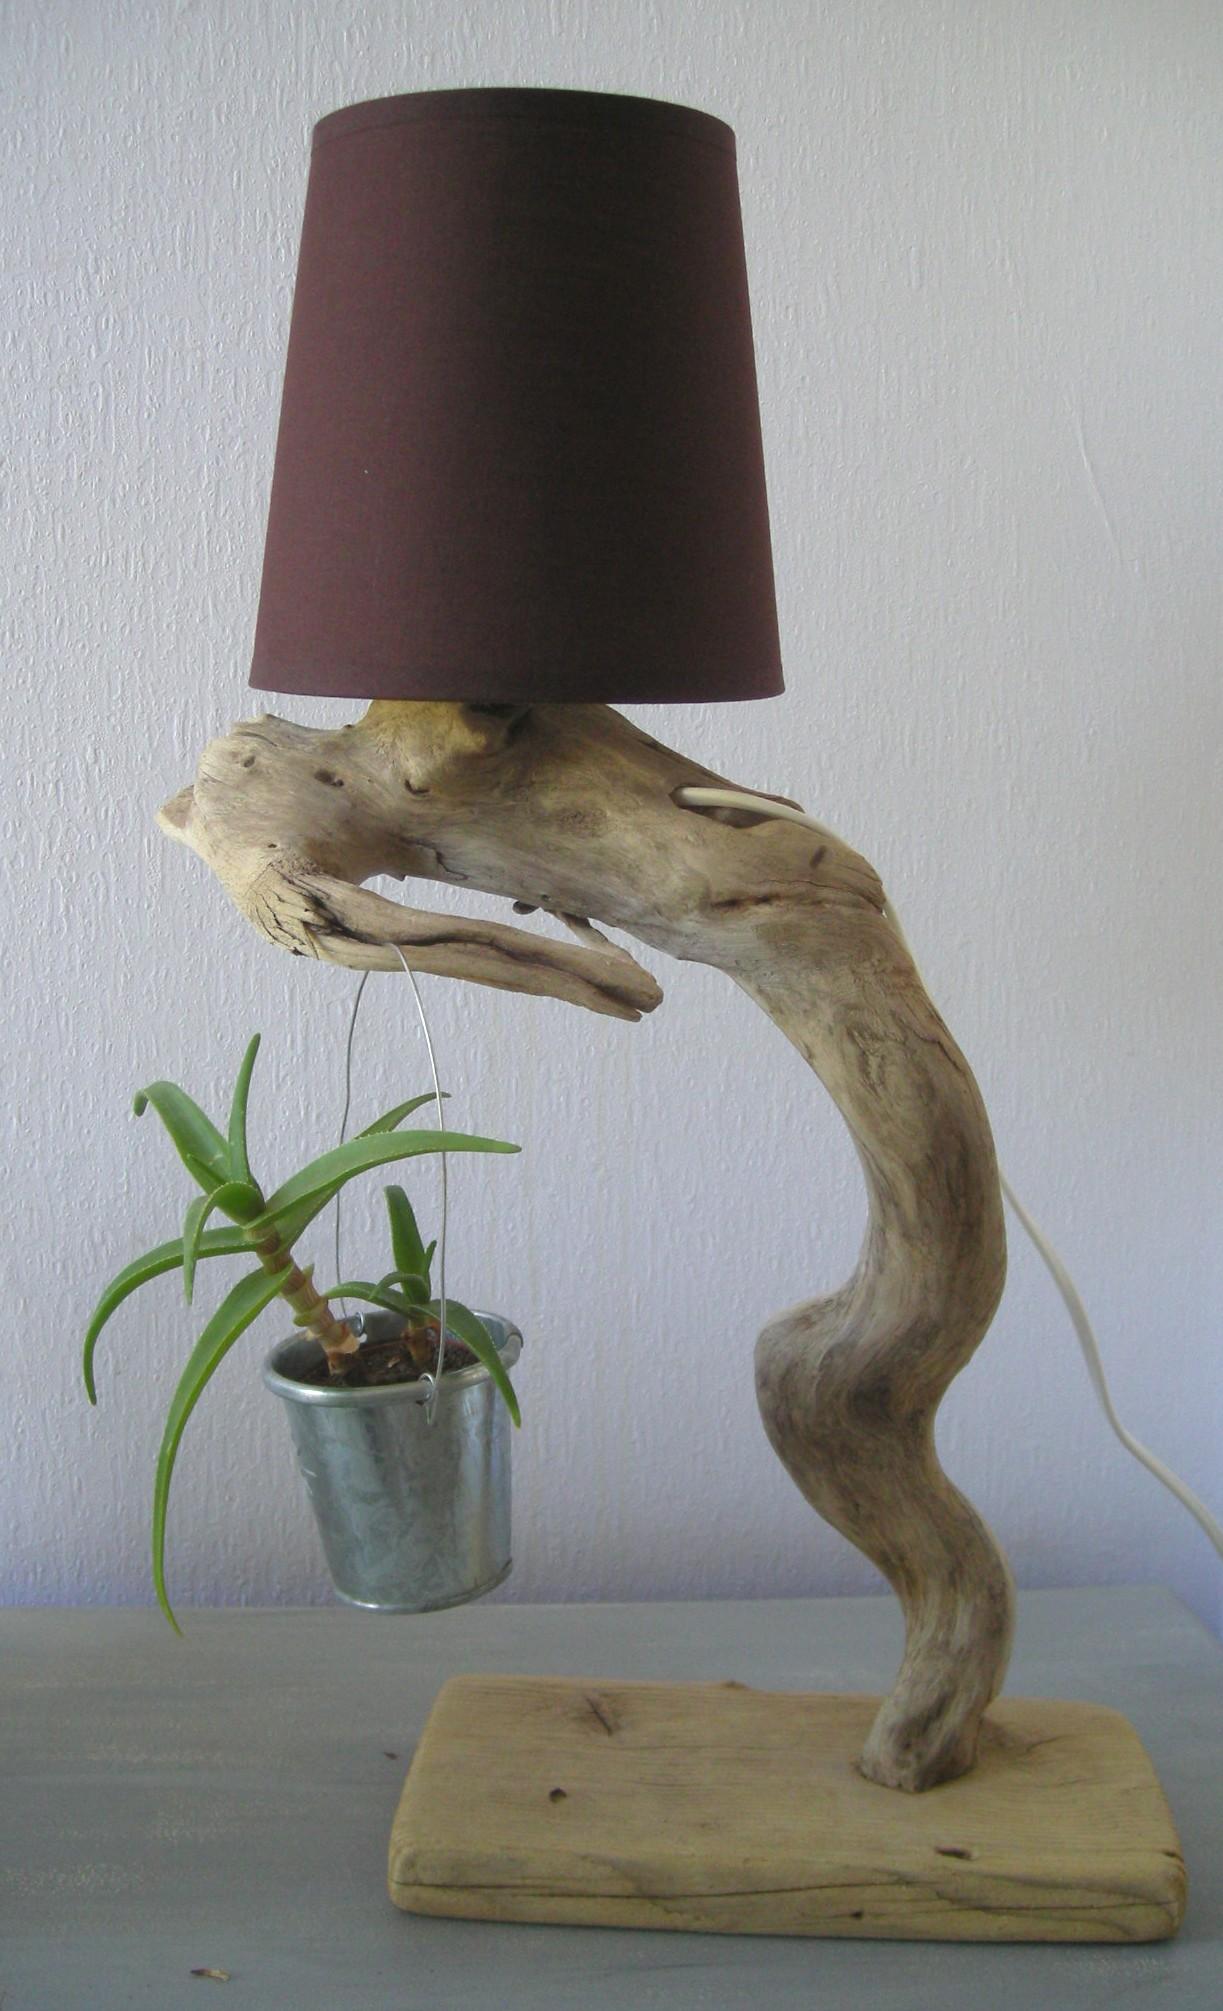 lampes en bois flott cr ations au fil de l 39 eau. Black Bedroom Furniture Sets. Home Design Ideas